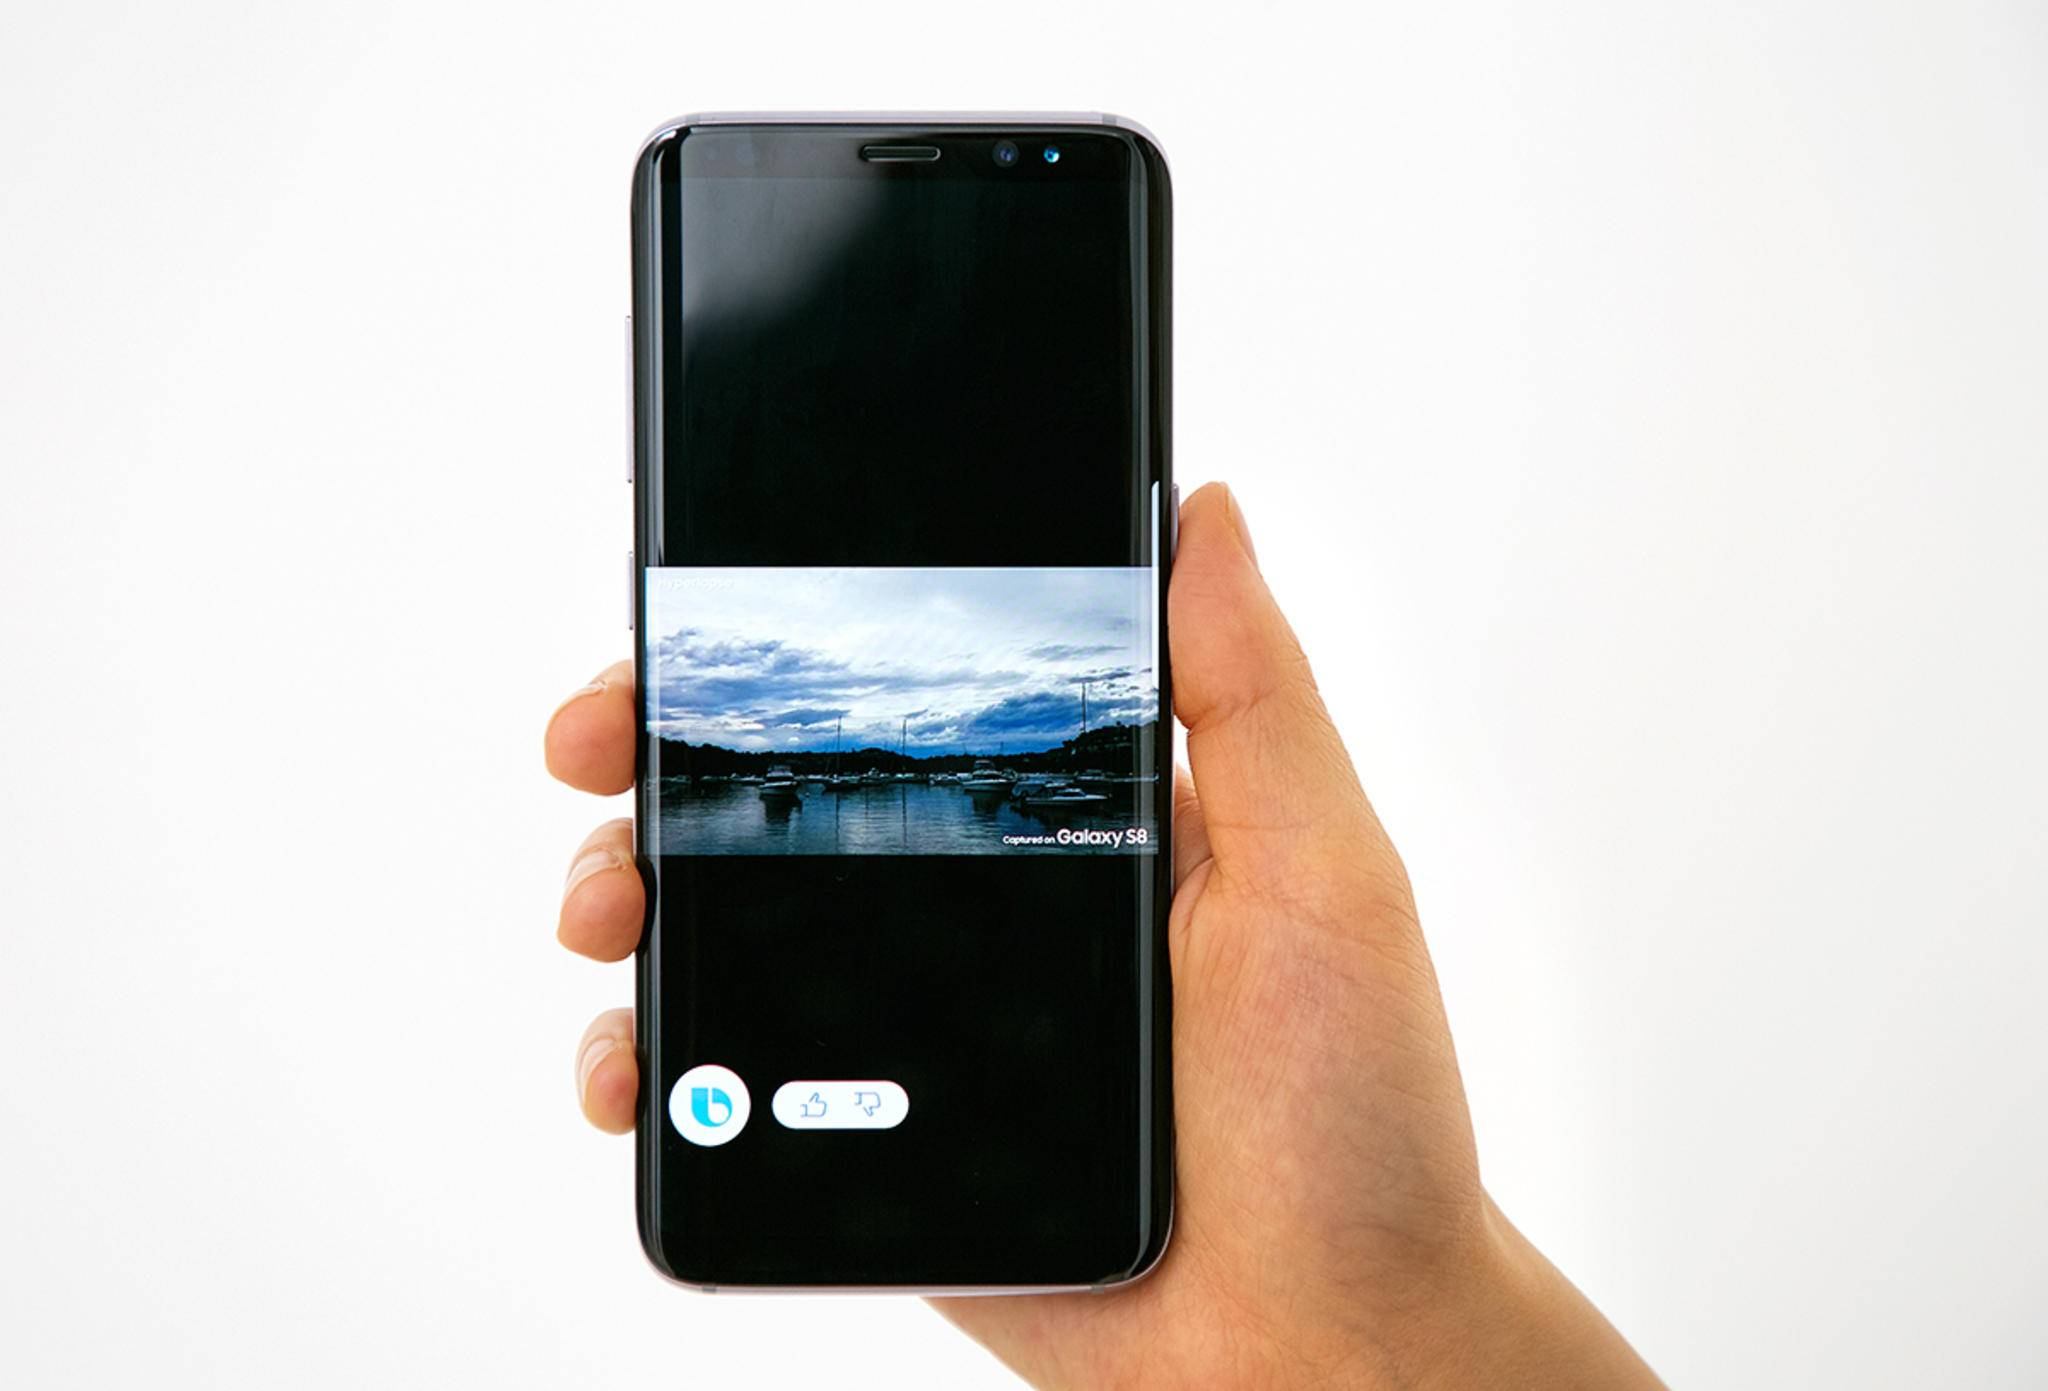 Das Galaxy S8 als robuste Active-Variante? Wir sind gespannt!